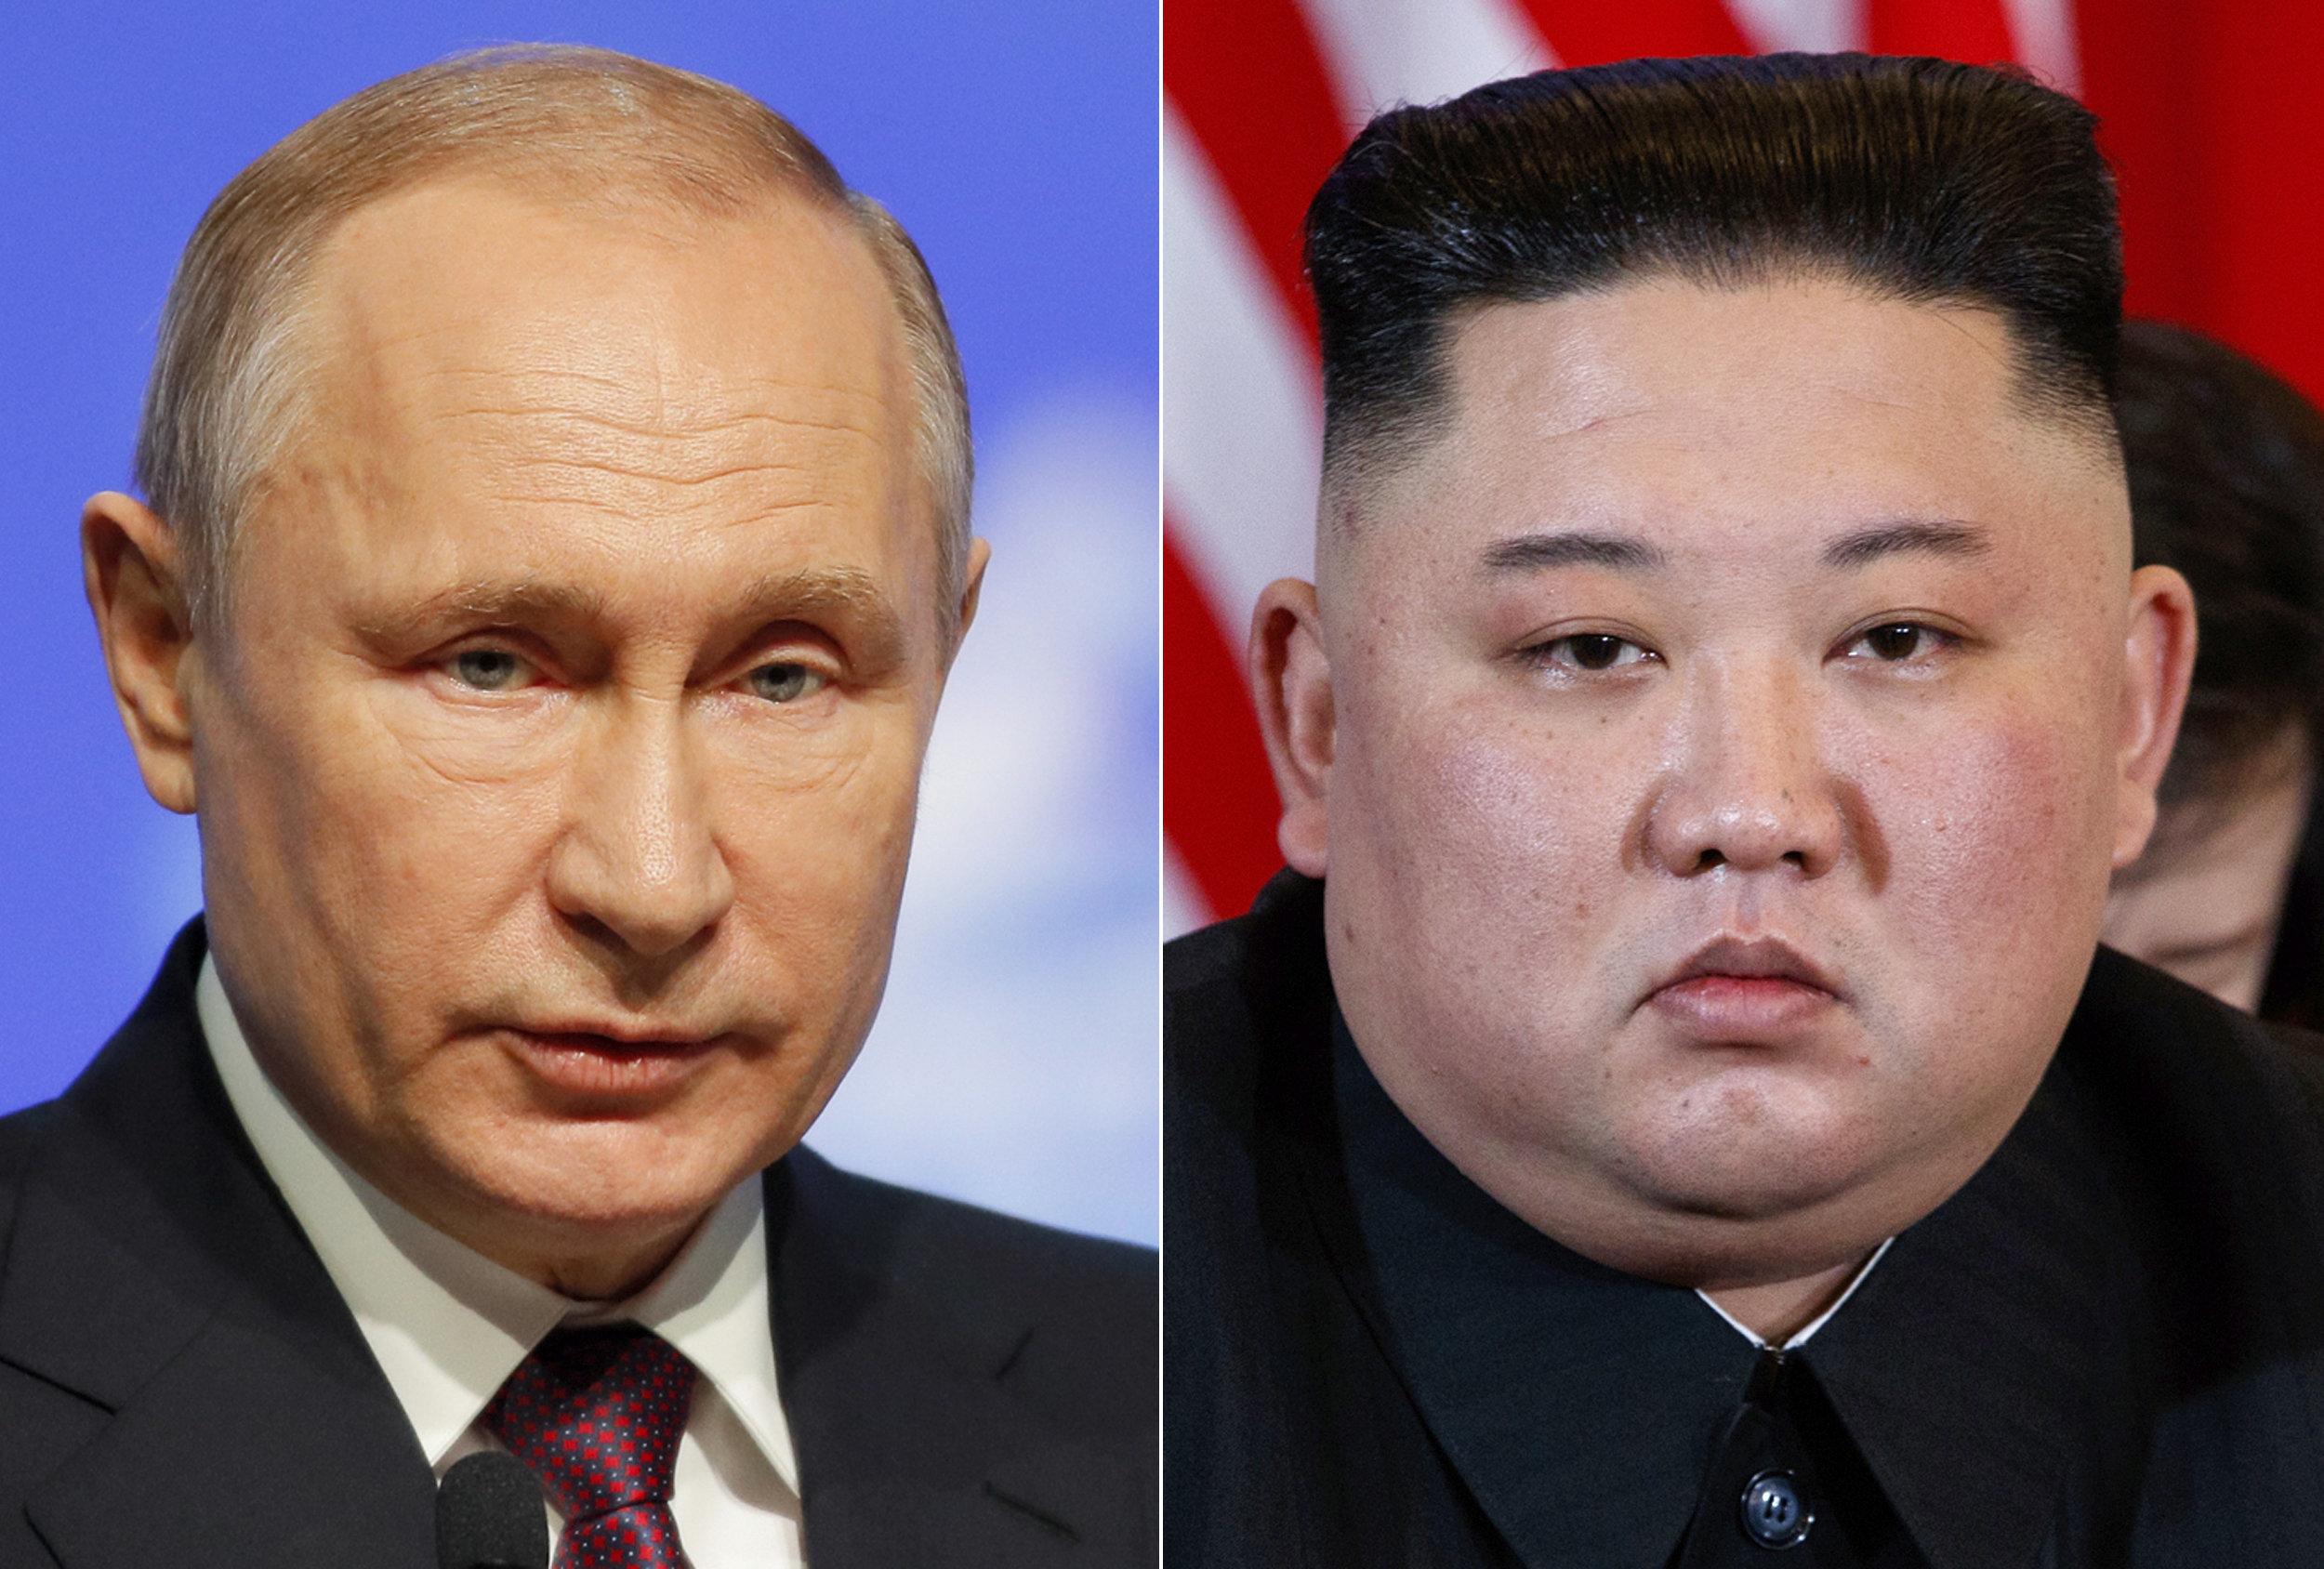 Την Πέμπτη η συνάντηση Πούτιν - Κιμ Γιονγκ Ουν στο